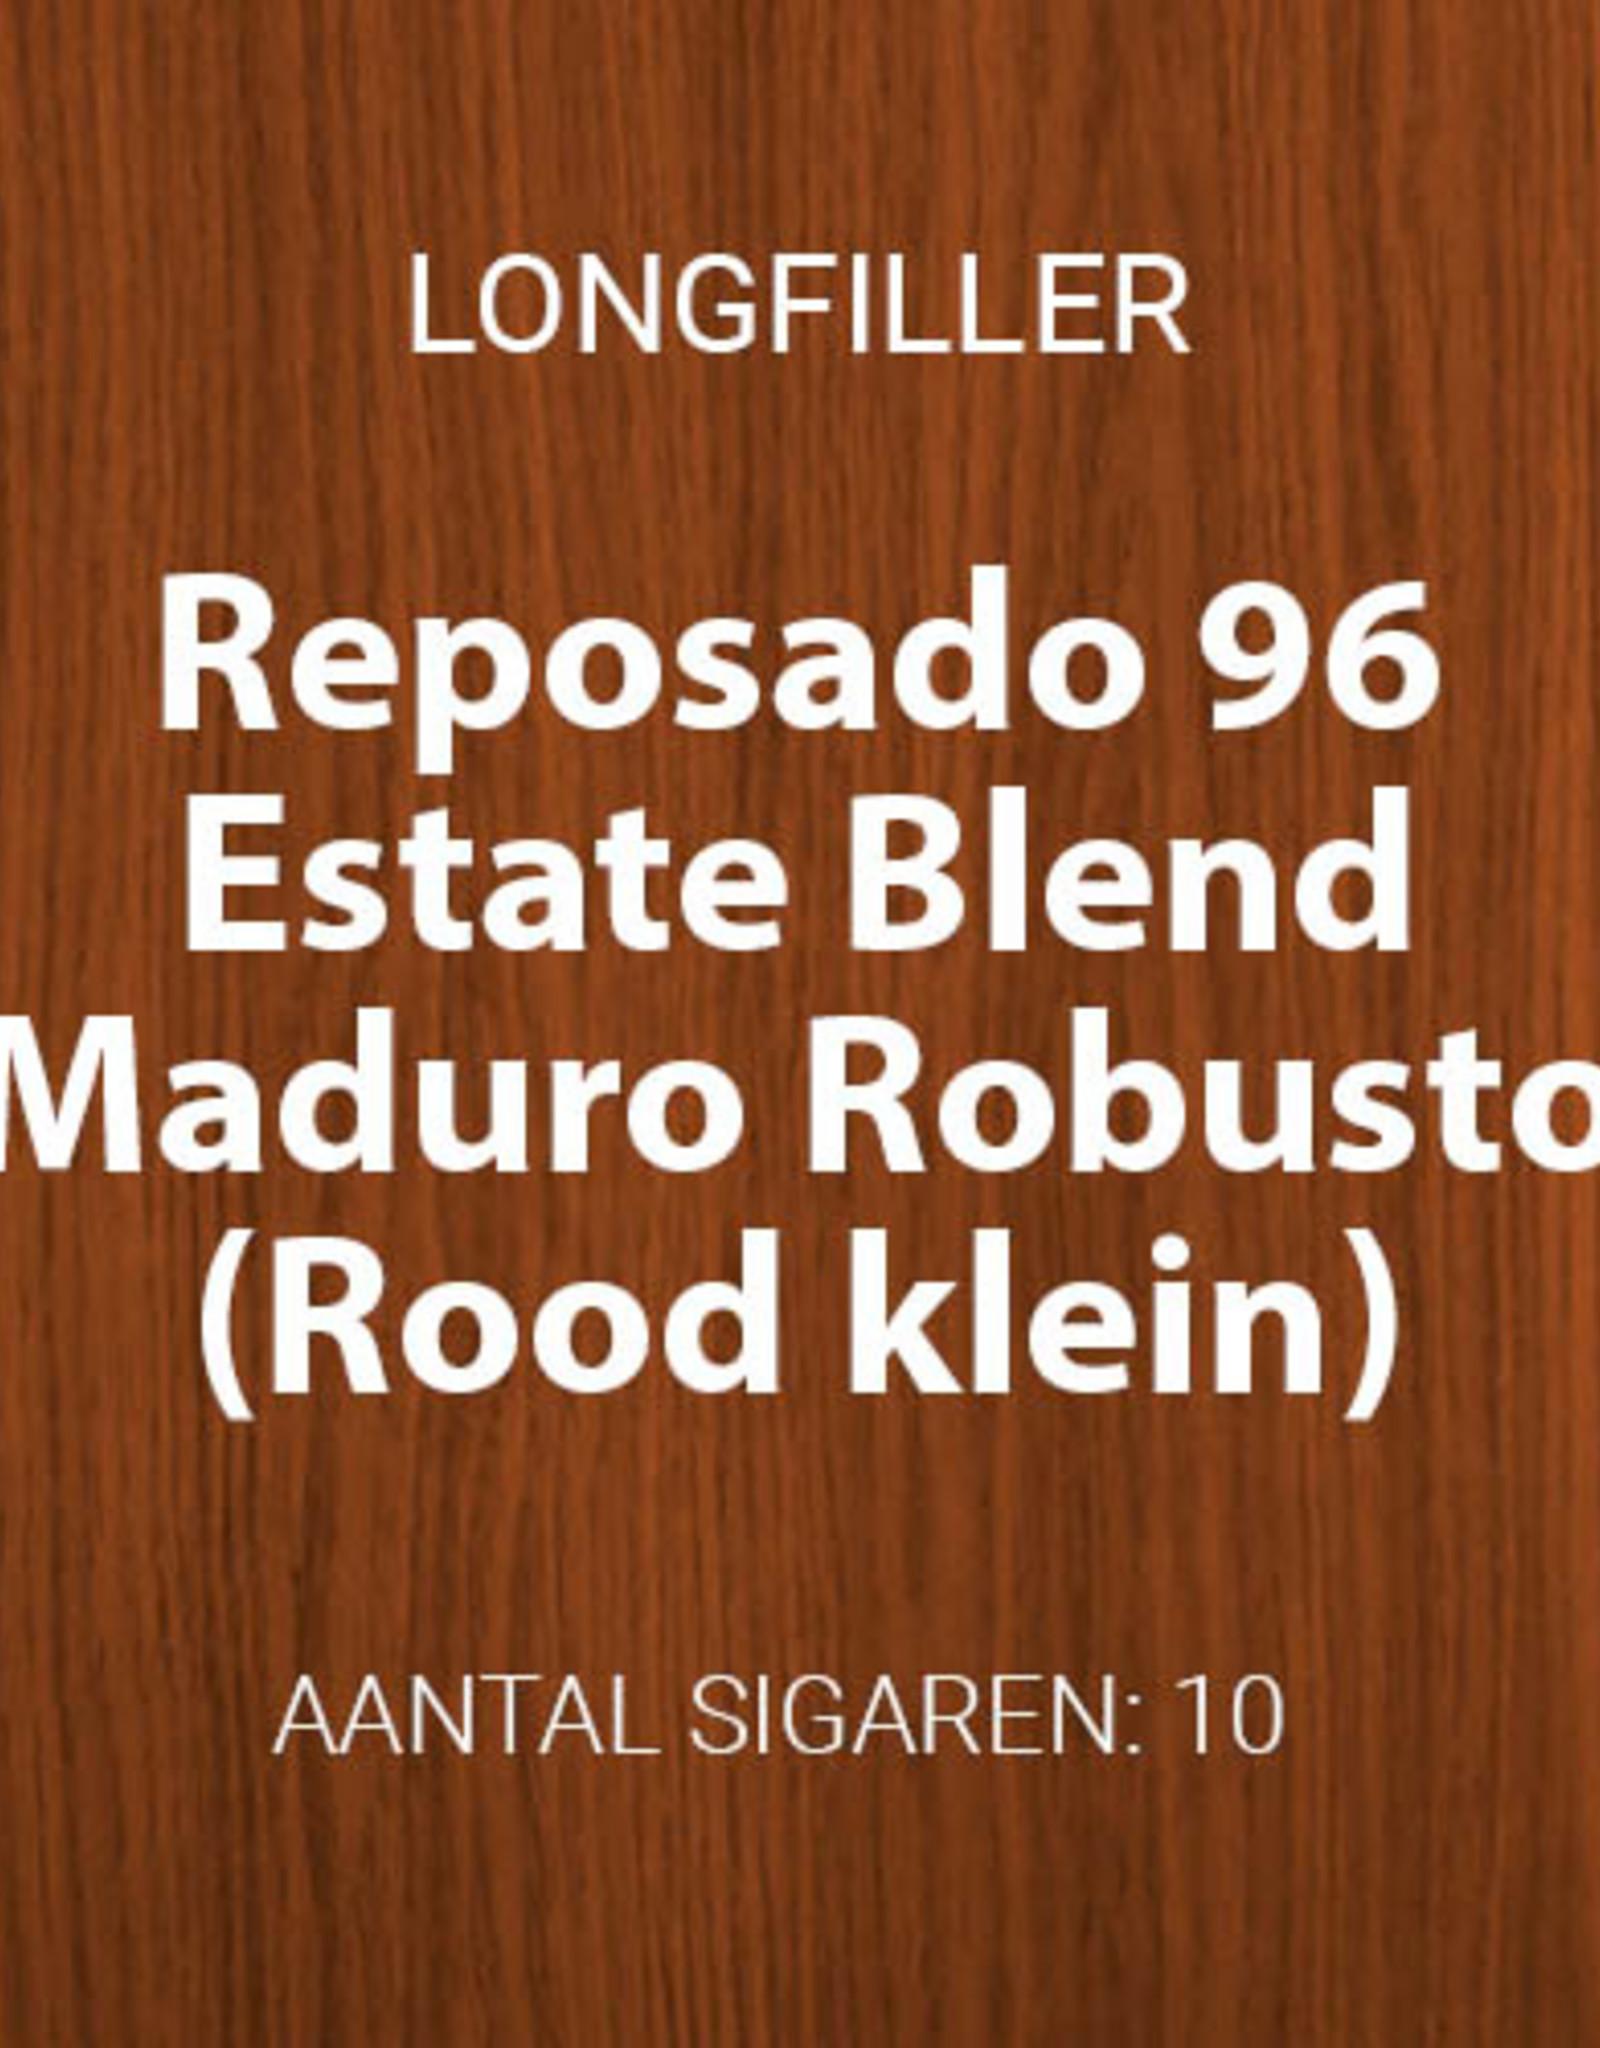 Reposado Estate Blend Maduro Robusto (Rood, klein)